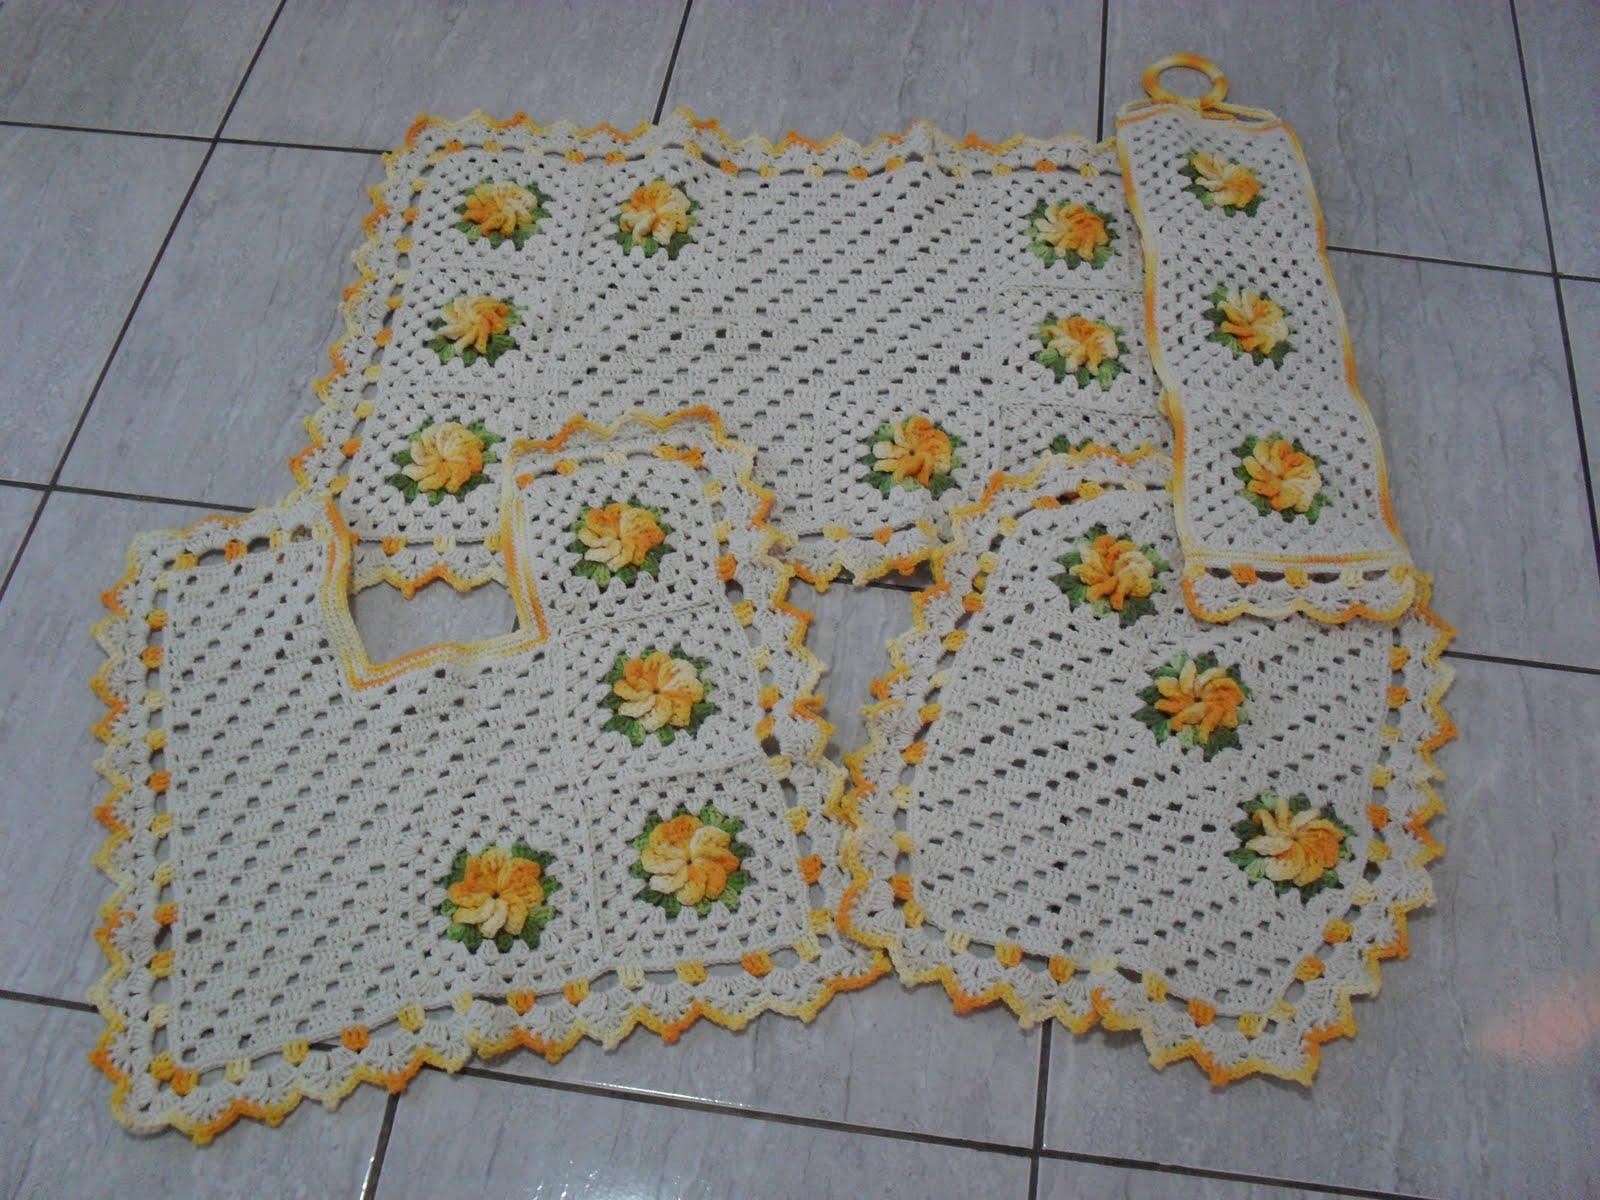 Jogo de banheiro com flores catavento: Crochet com Arte #A06F2B 1600 1200